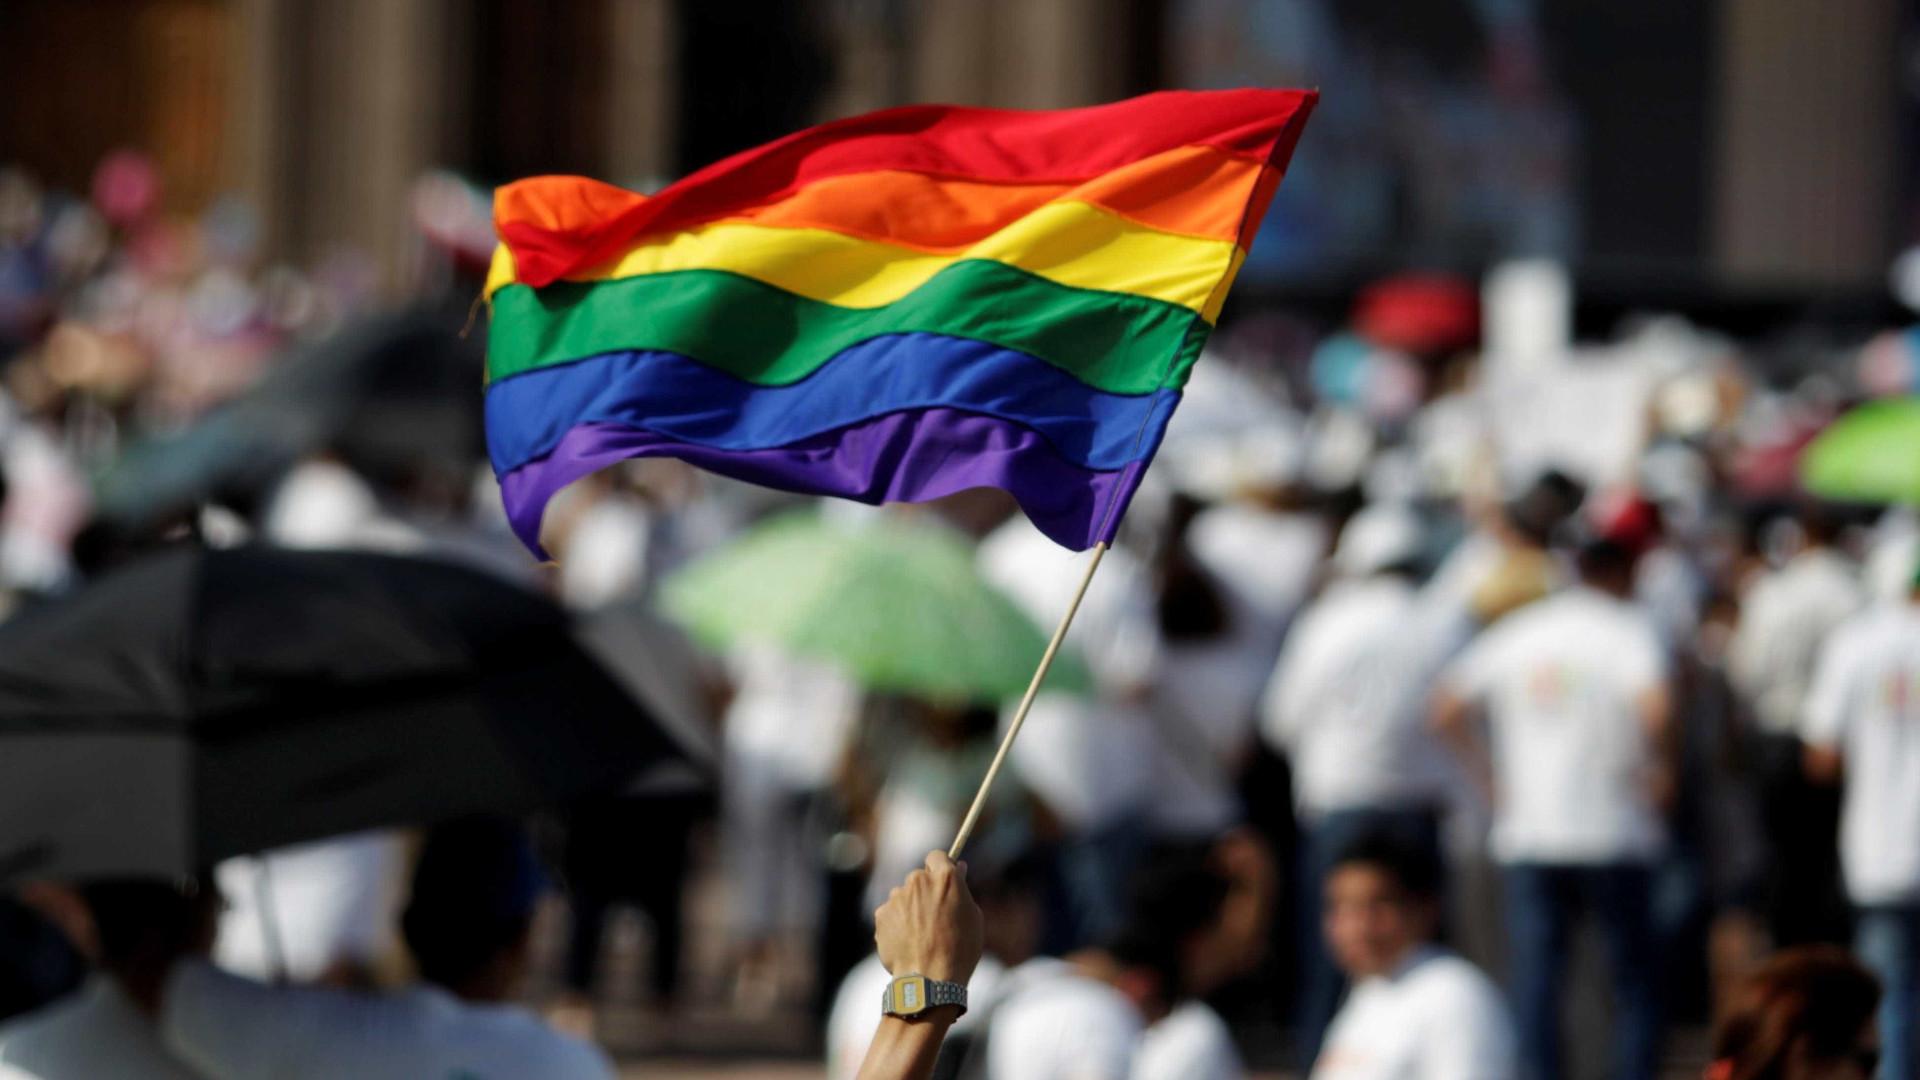 Eleições deste ano terão mais de 100 candidatos abertamente LGBT+